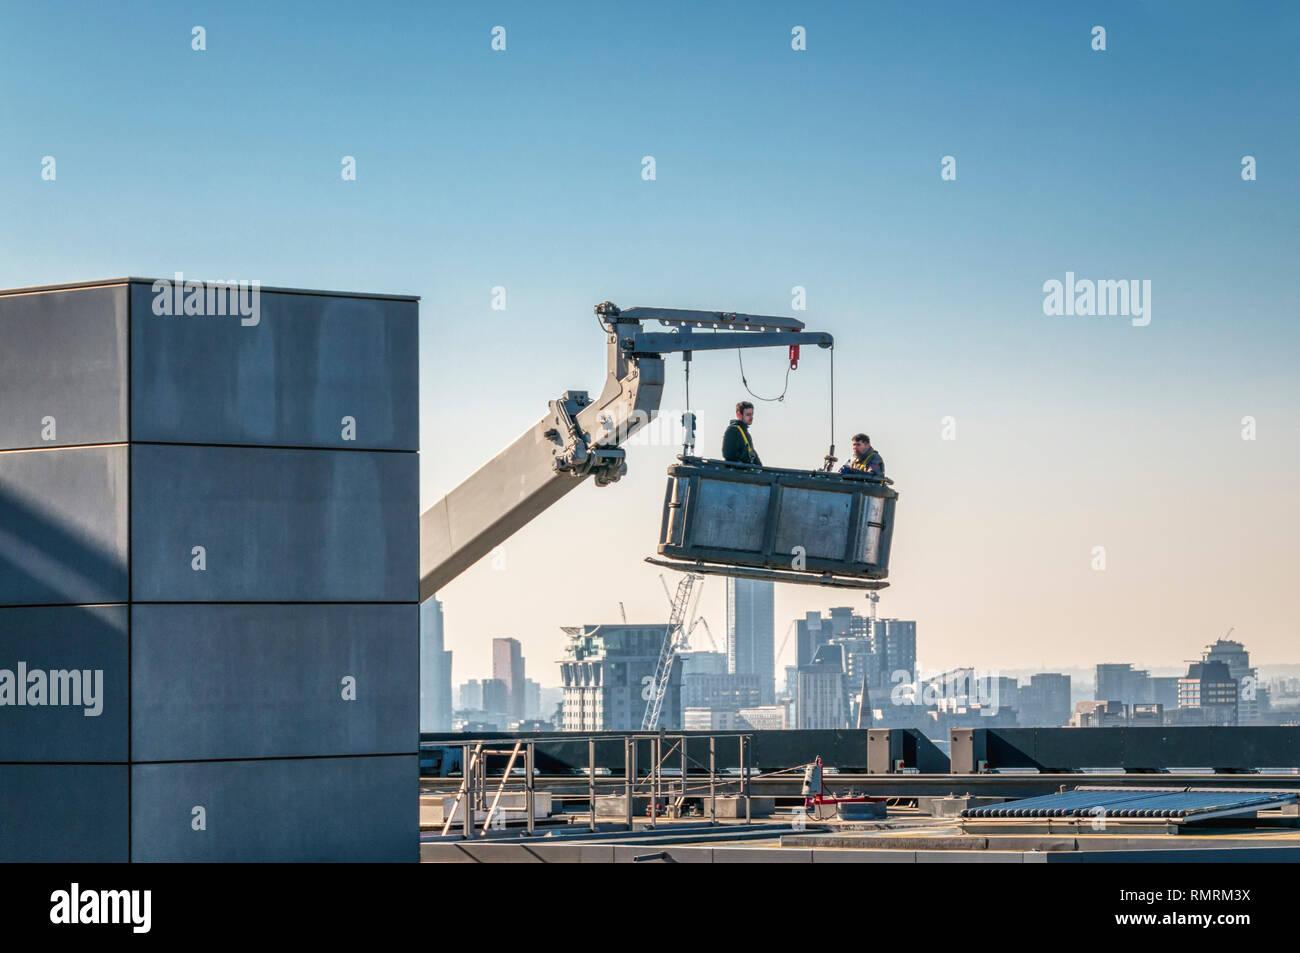 Deux travailleurs à se préparer à descendre du haut d'un bâtiment grand travaillant à partir d'une station d'accès. Sur les toits de la ville en arrière-plan. Photo Stock